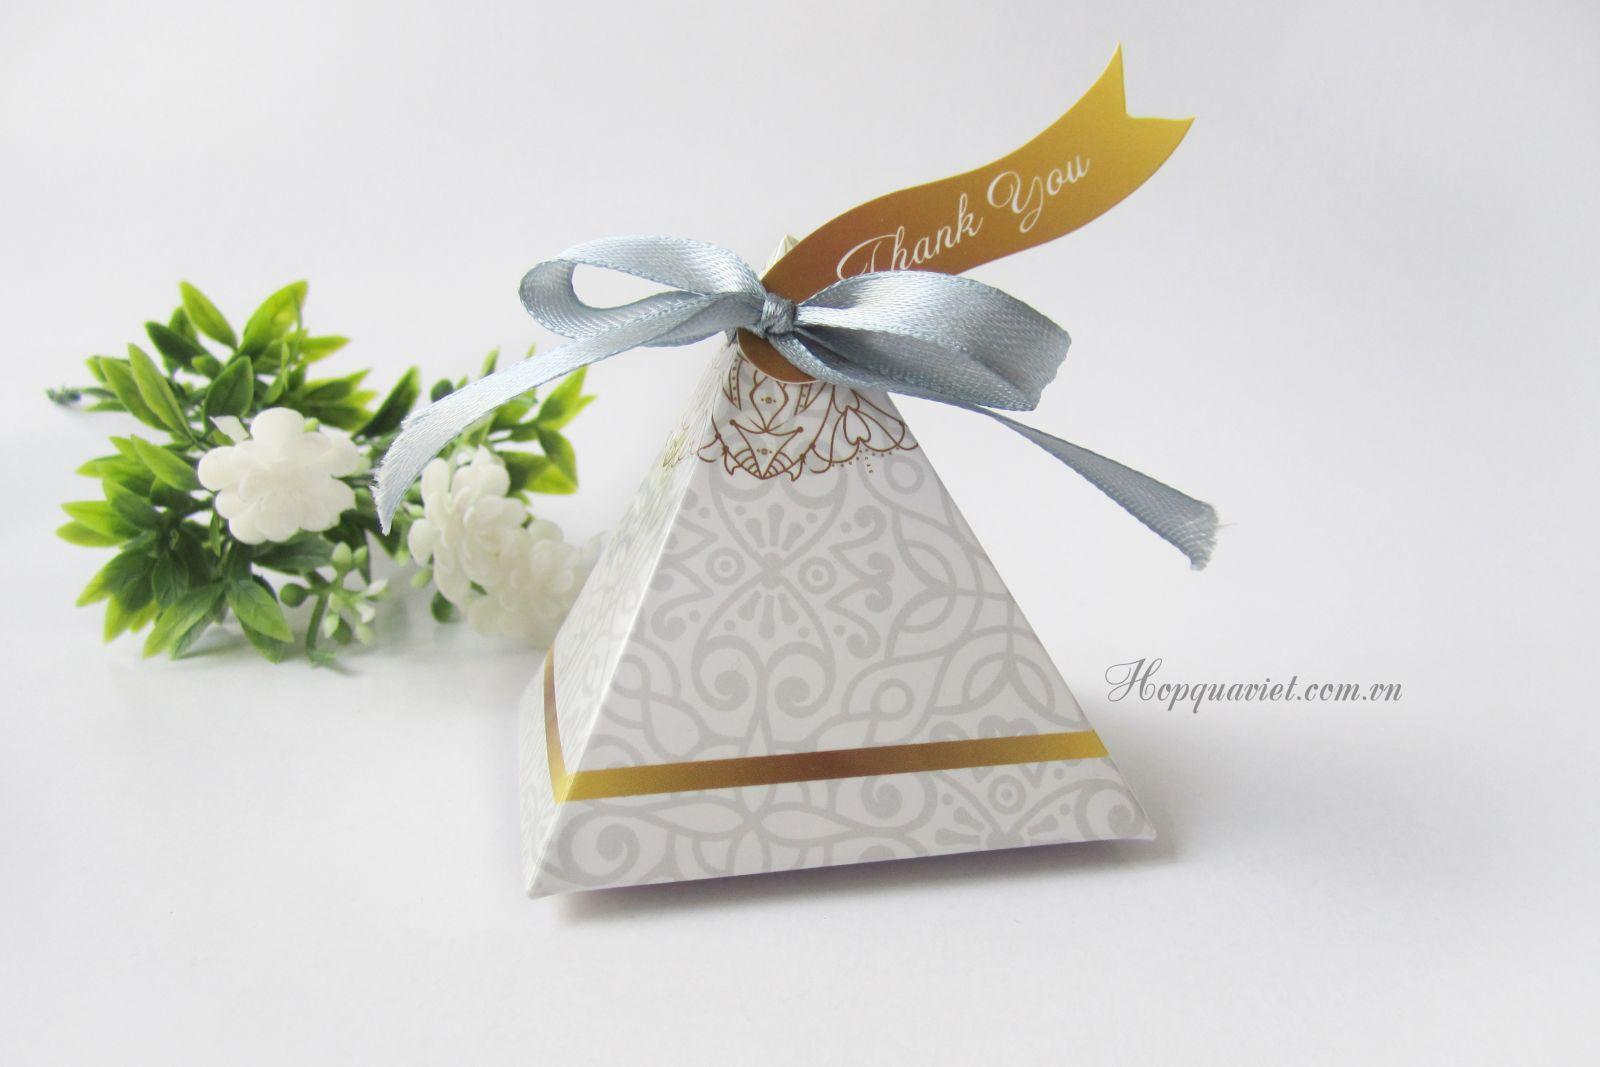 Hộp quà cưới tam giác 18V nơ xám (kèm tag thank you)